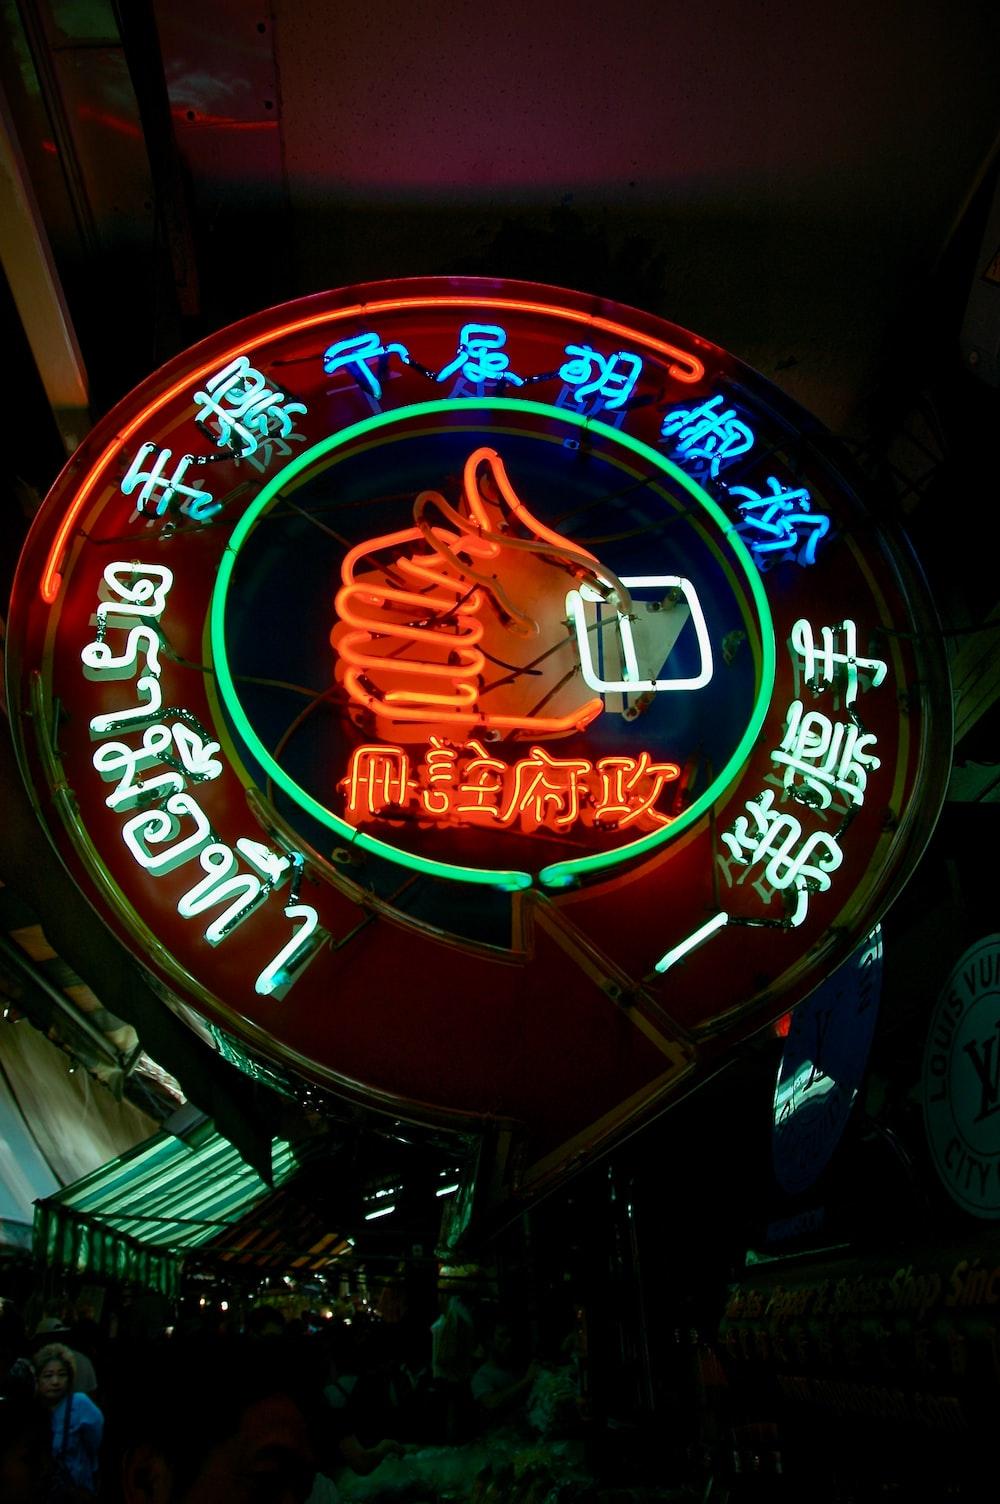 multicolored neon signage